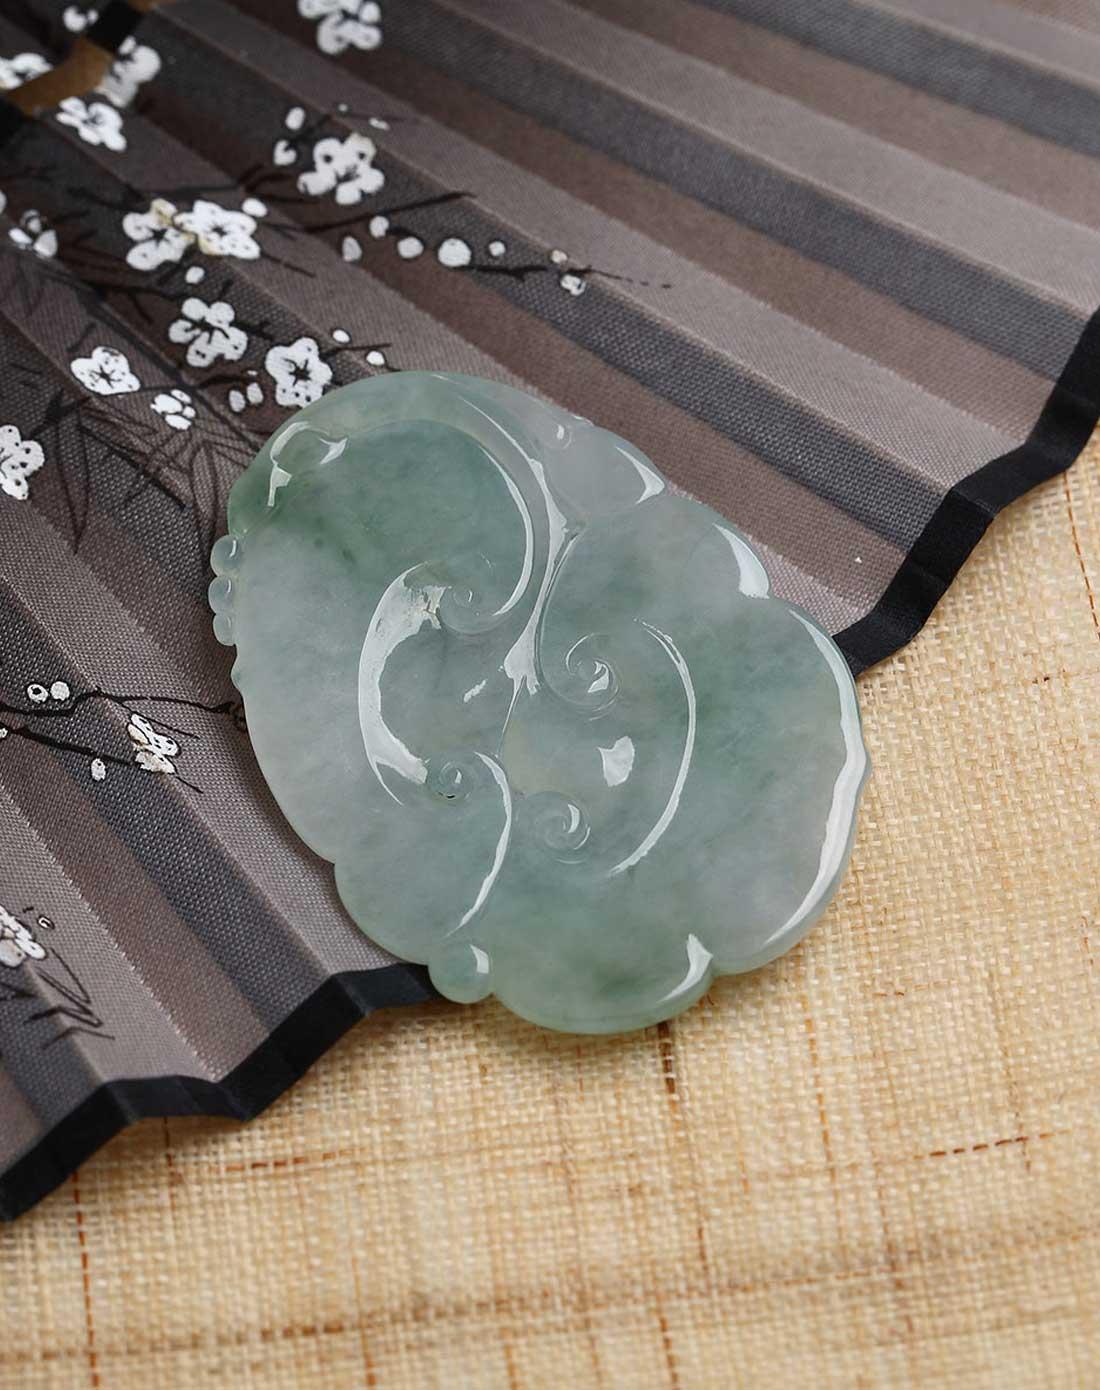 清代翡翠吉祥图案有仙人,佛像,动物,植物,有的还点缀着禄,寿福,吉祥